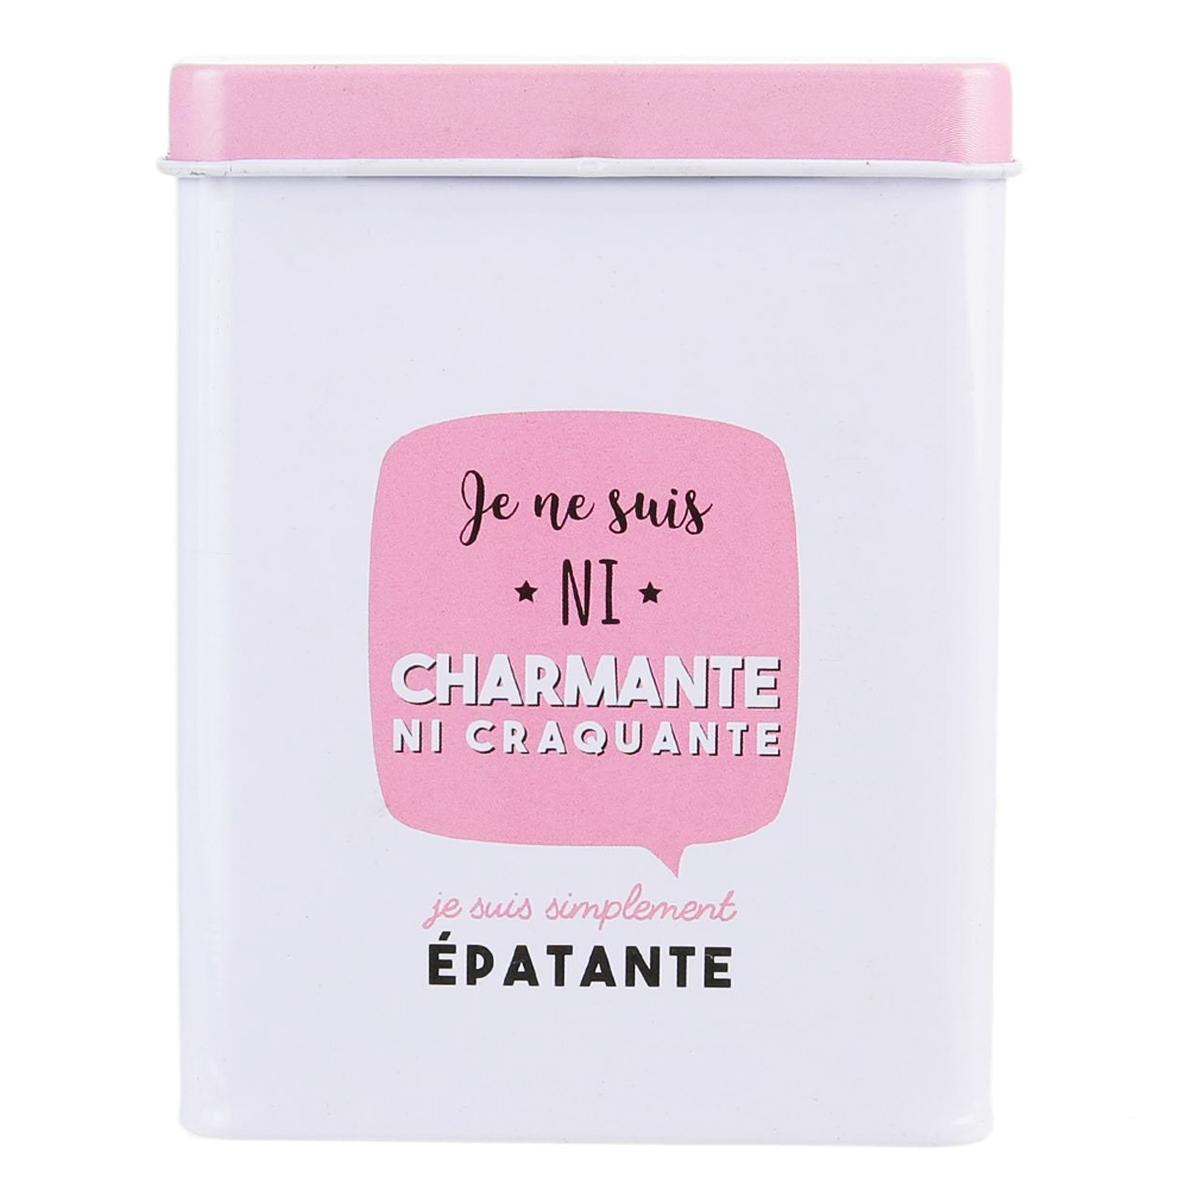 Etui métal à paquet de cigarettes \'Messages\' rose blanc (Je ne suis pas charmante ) - 24 cigarettes - [Q1671]